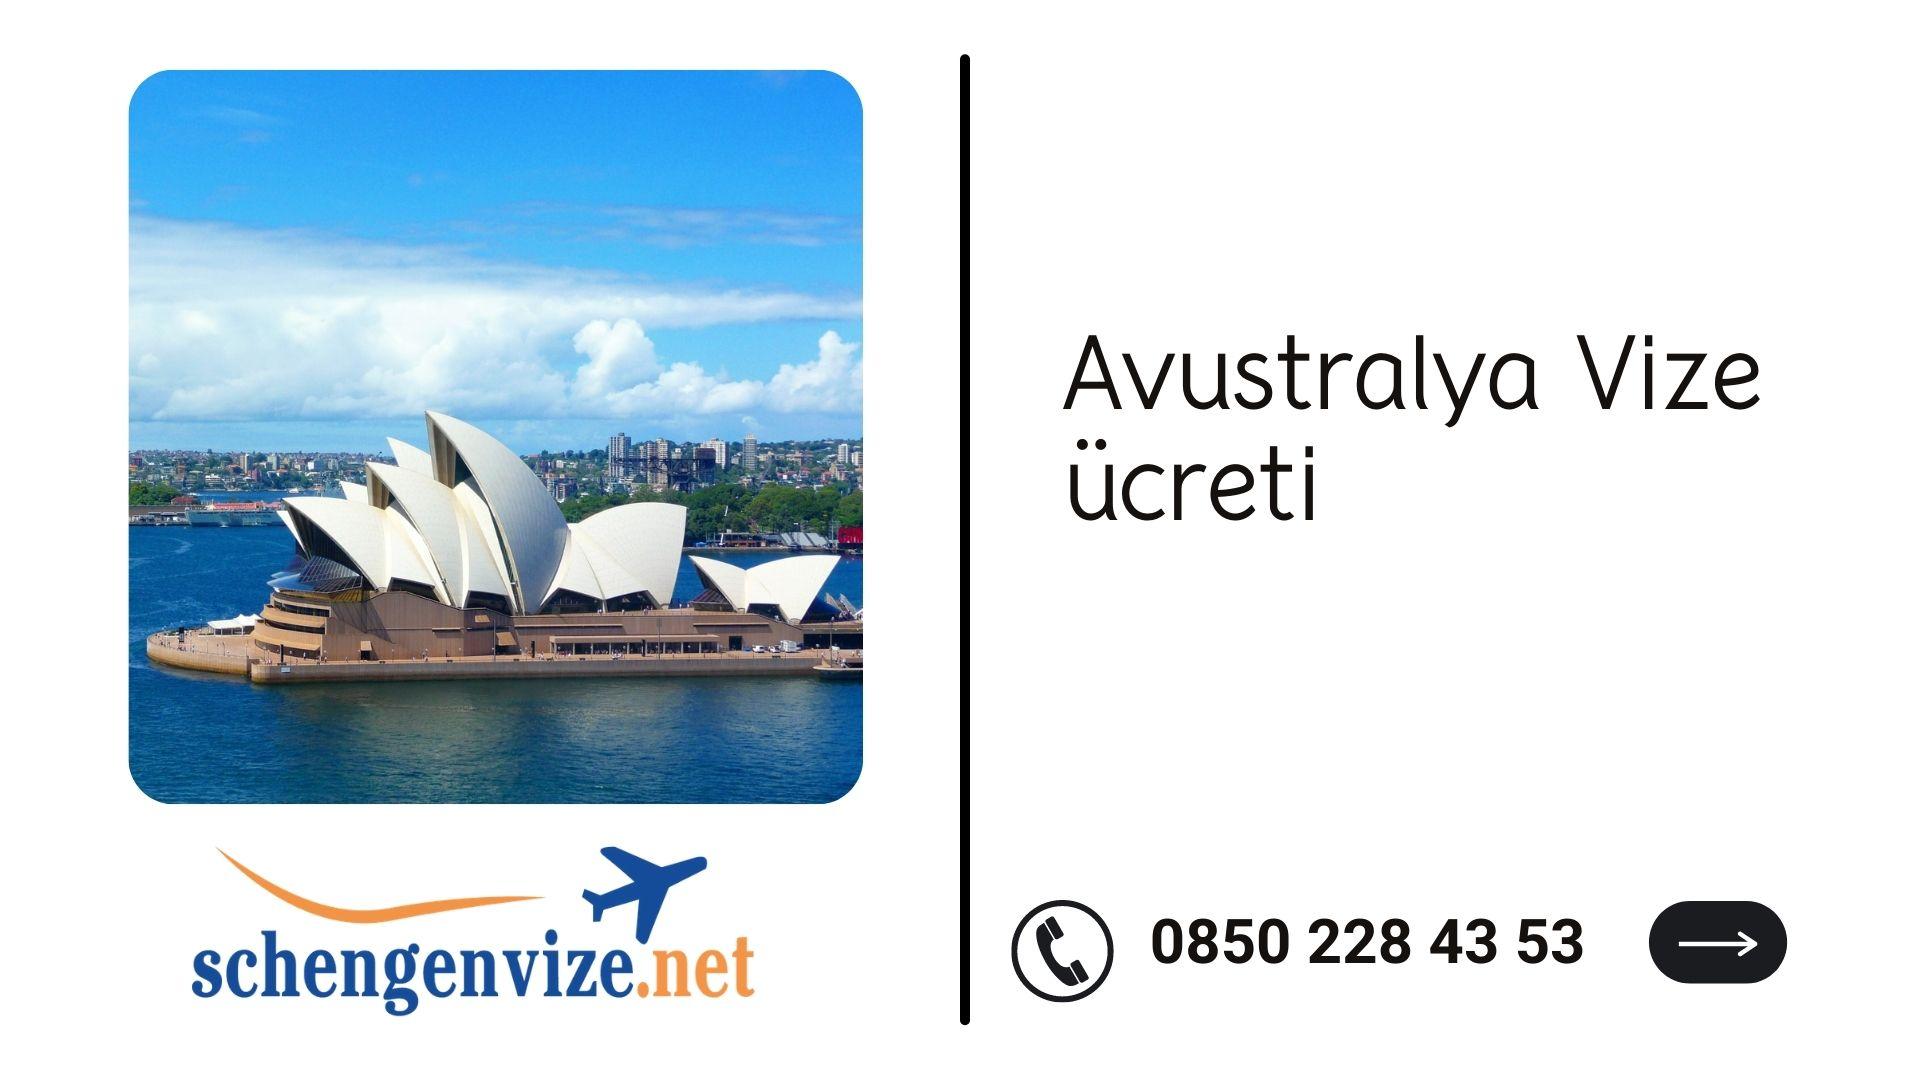 Avustralya Vize ücreti